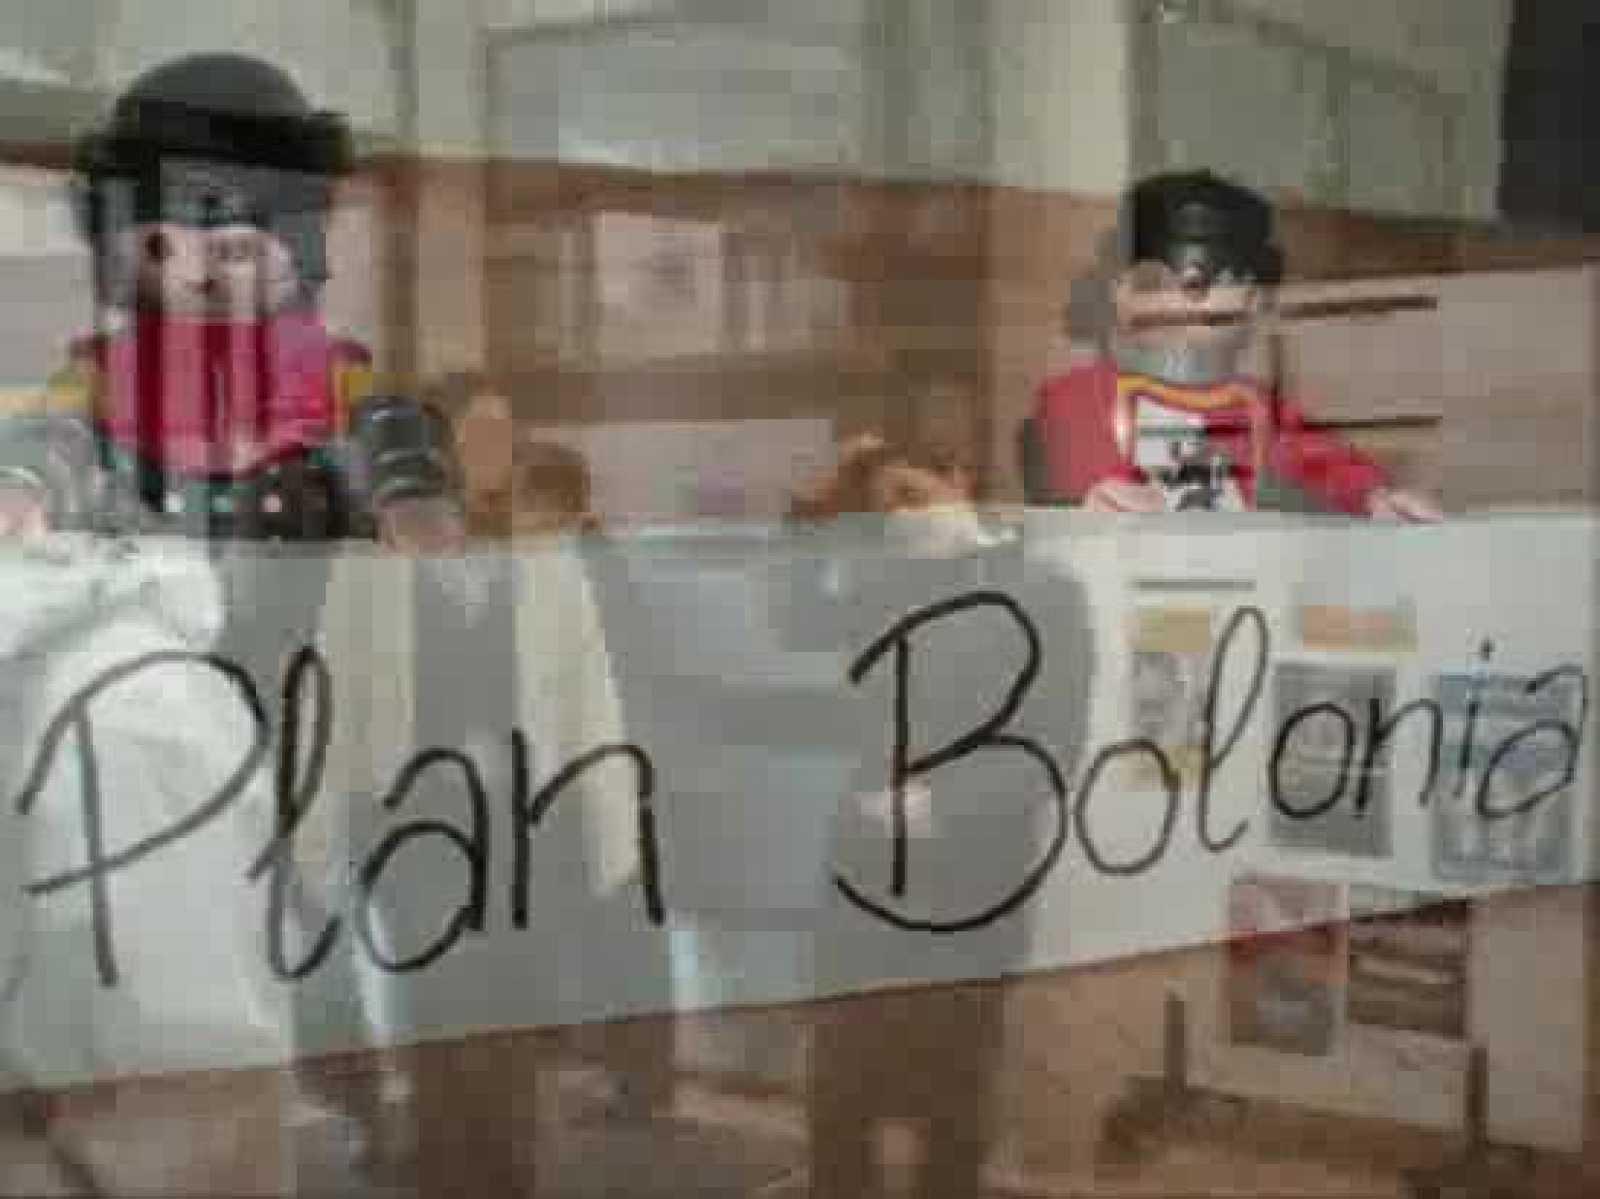 Dos alumnas de la UCAM reflexionan sobre las diferentes opiniones de los alumnos de la universidad respecto al Plan Bolonia.